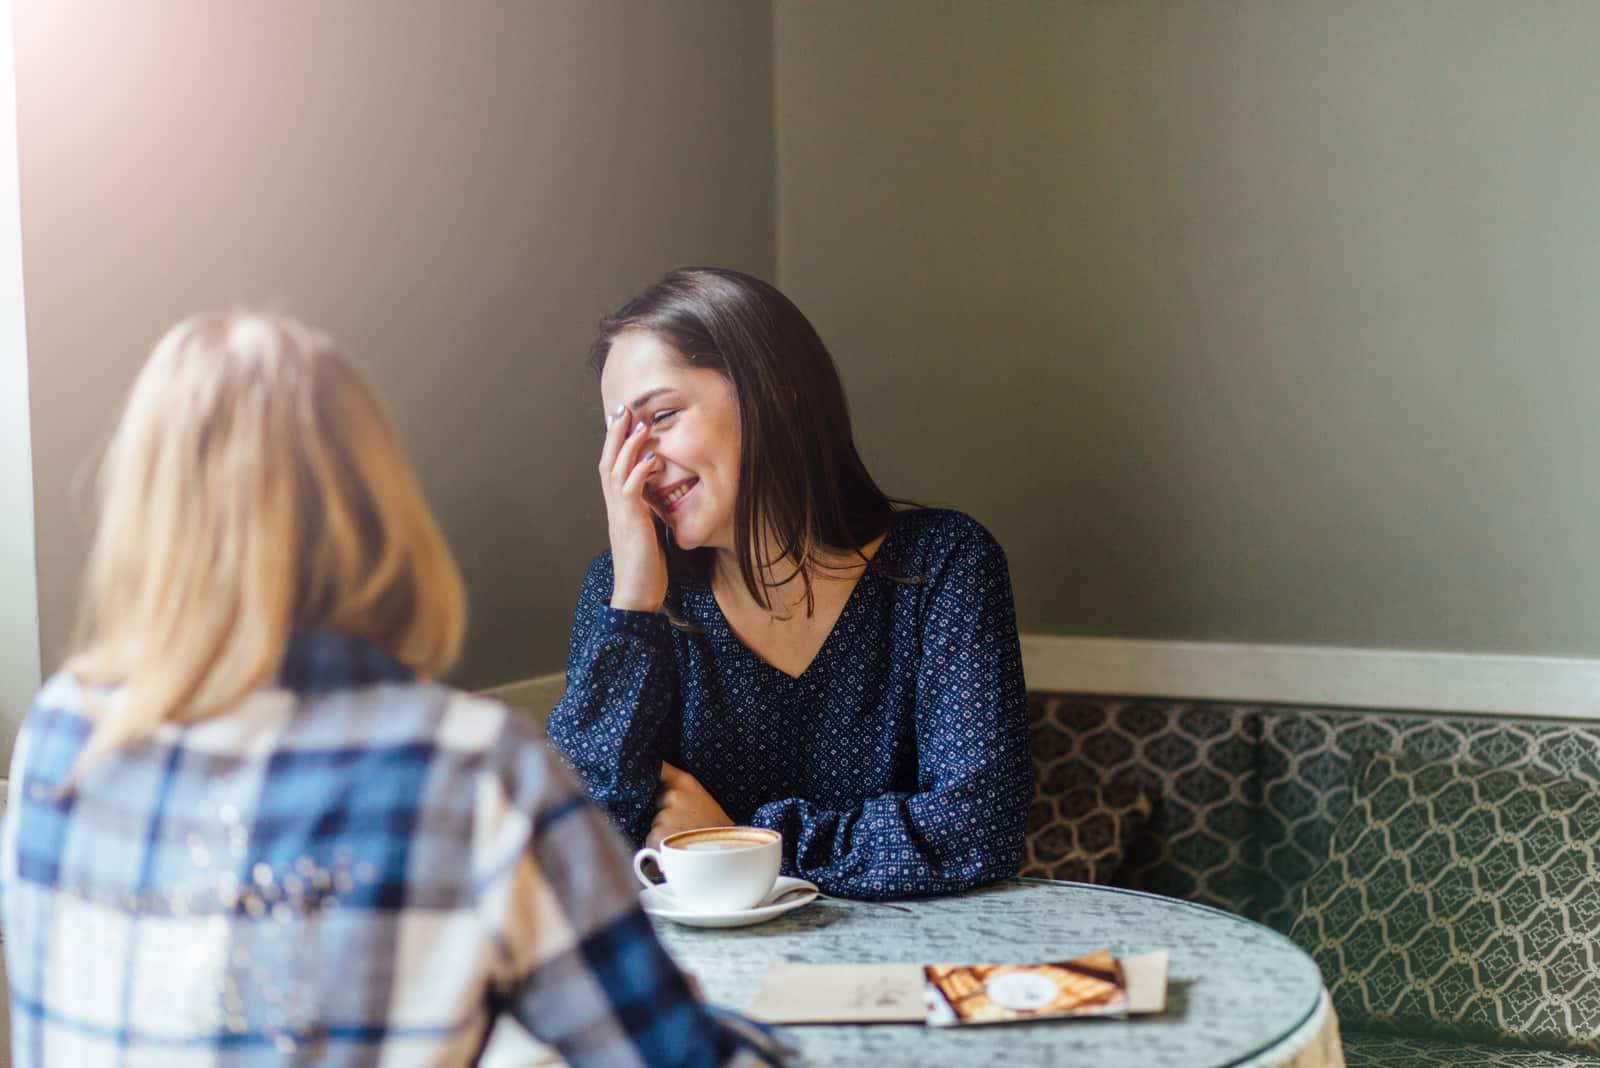 deux amis sont assis dans un café en train de boire du café et de rire